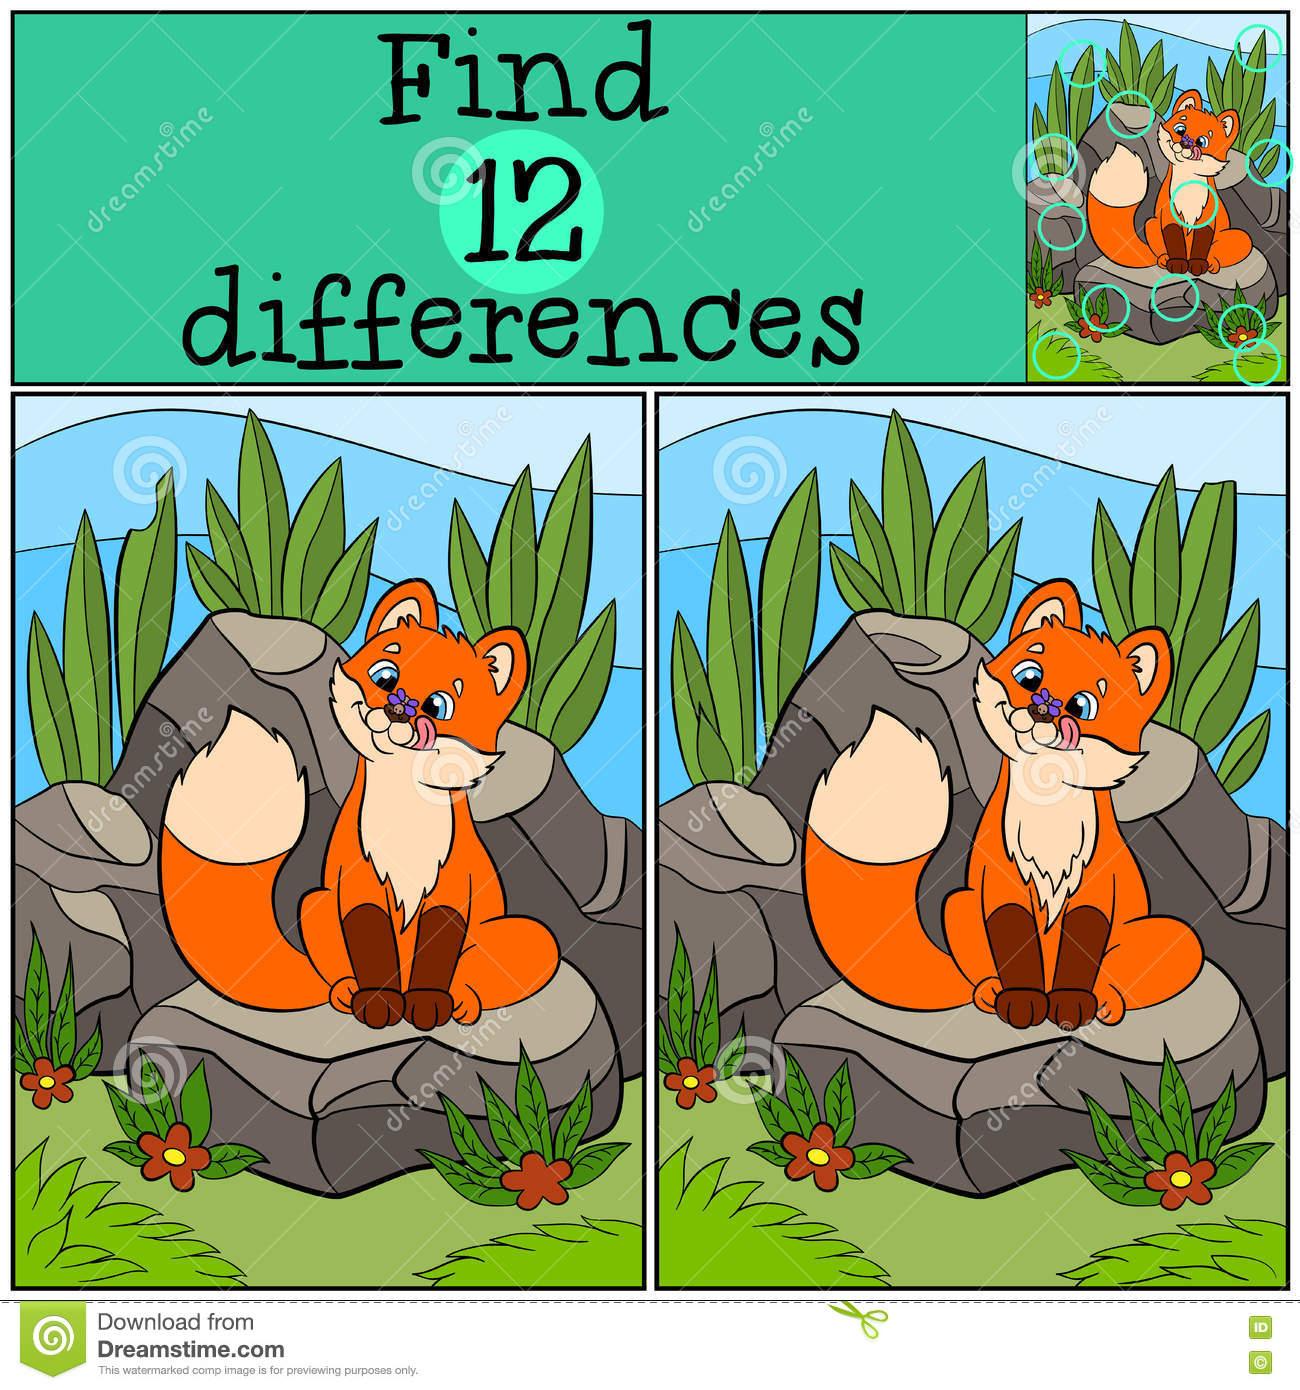 Jeux D'enfants : Différences De Découverte Le Petit Renard dedans Jeux De Différence